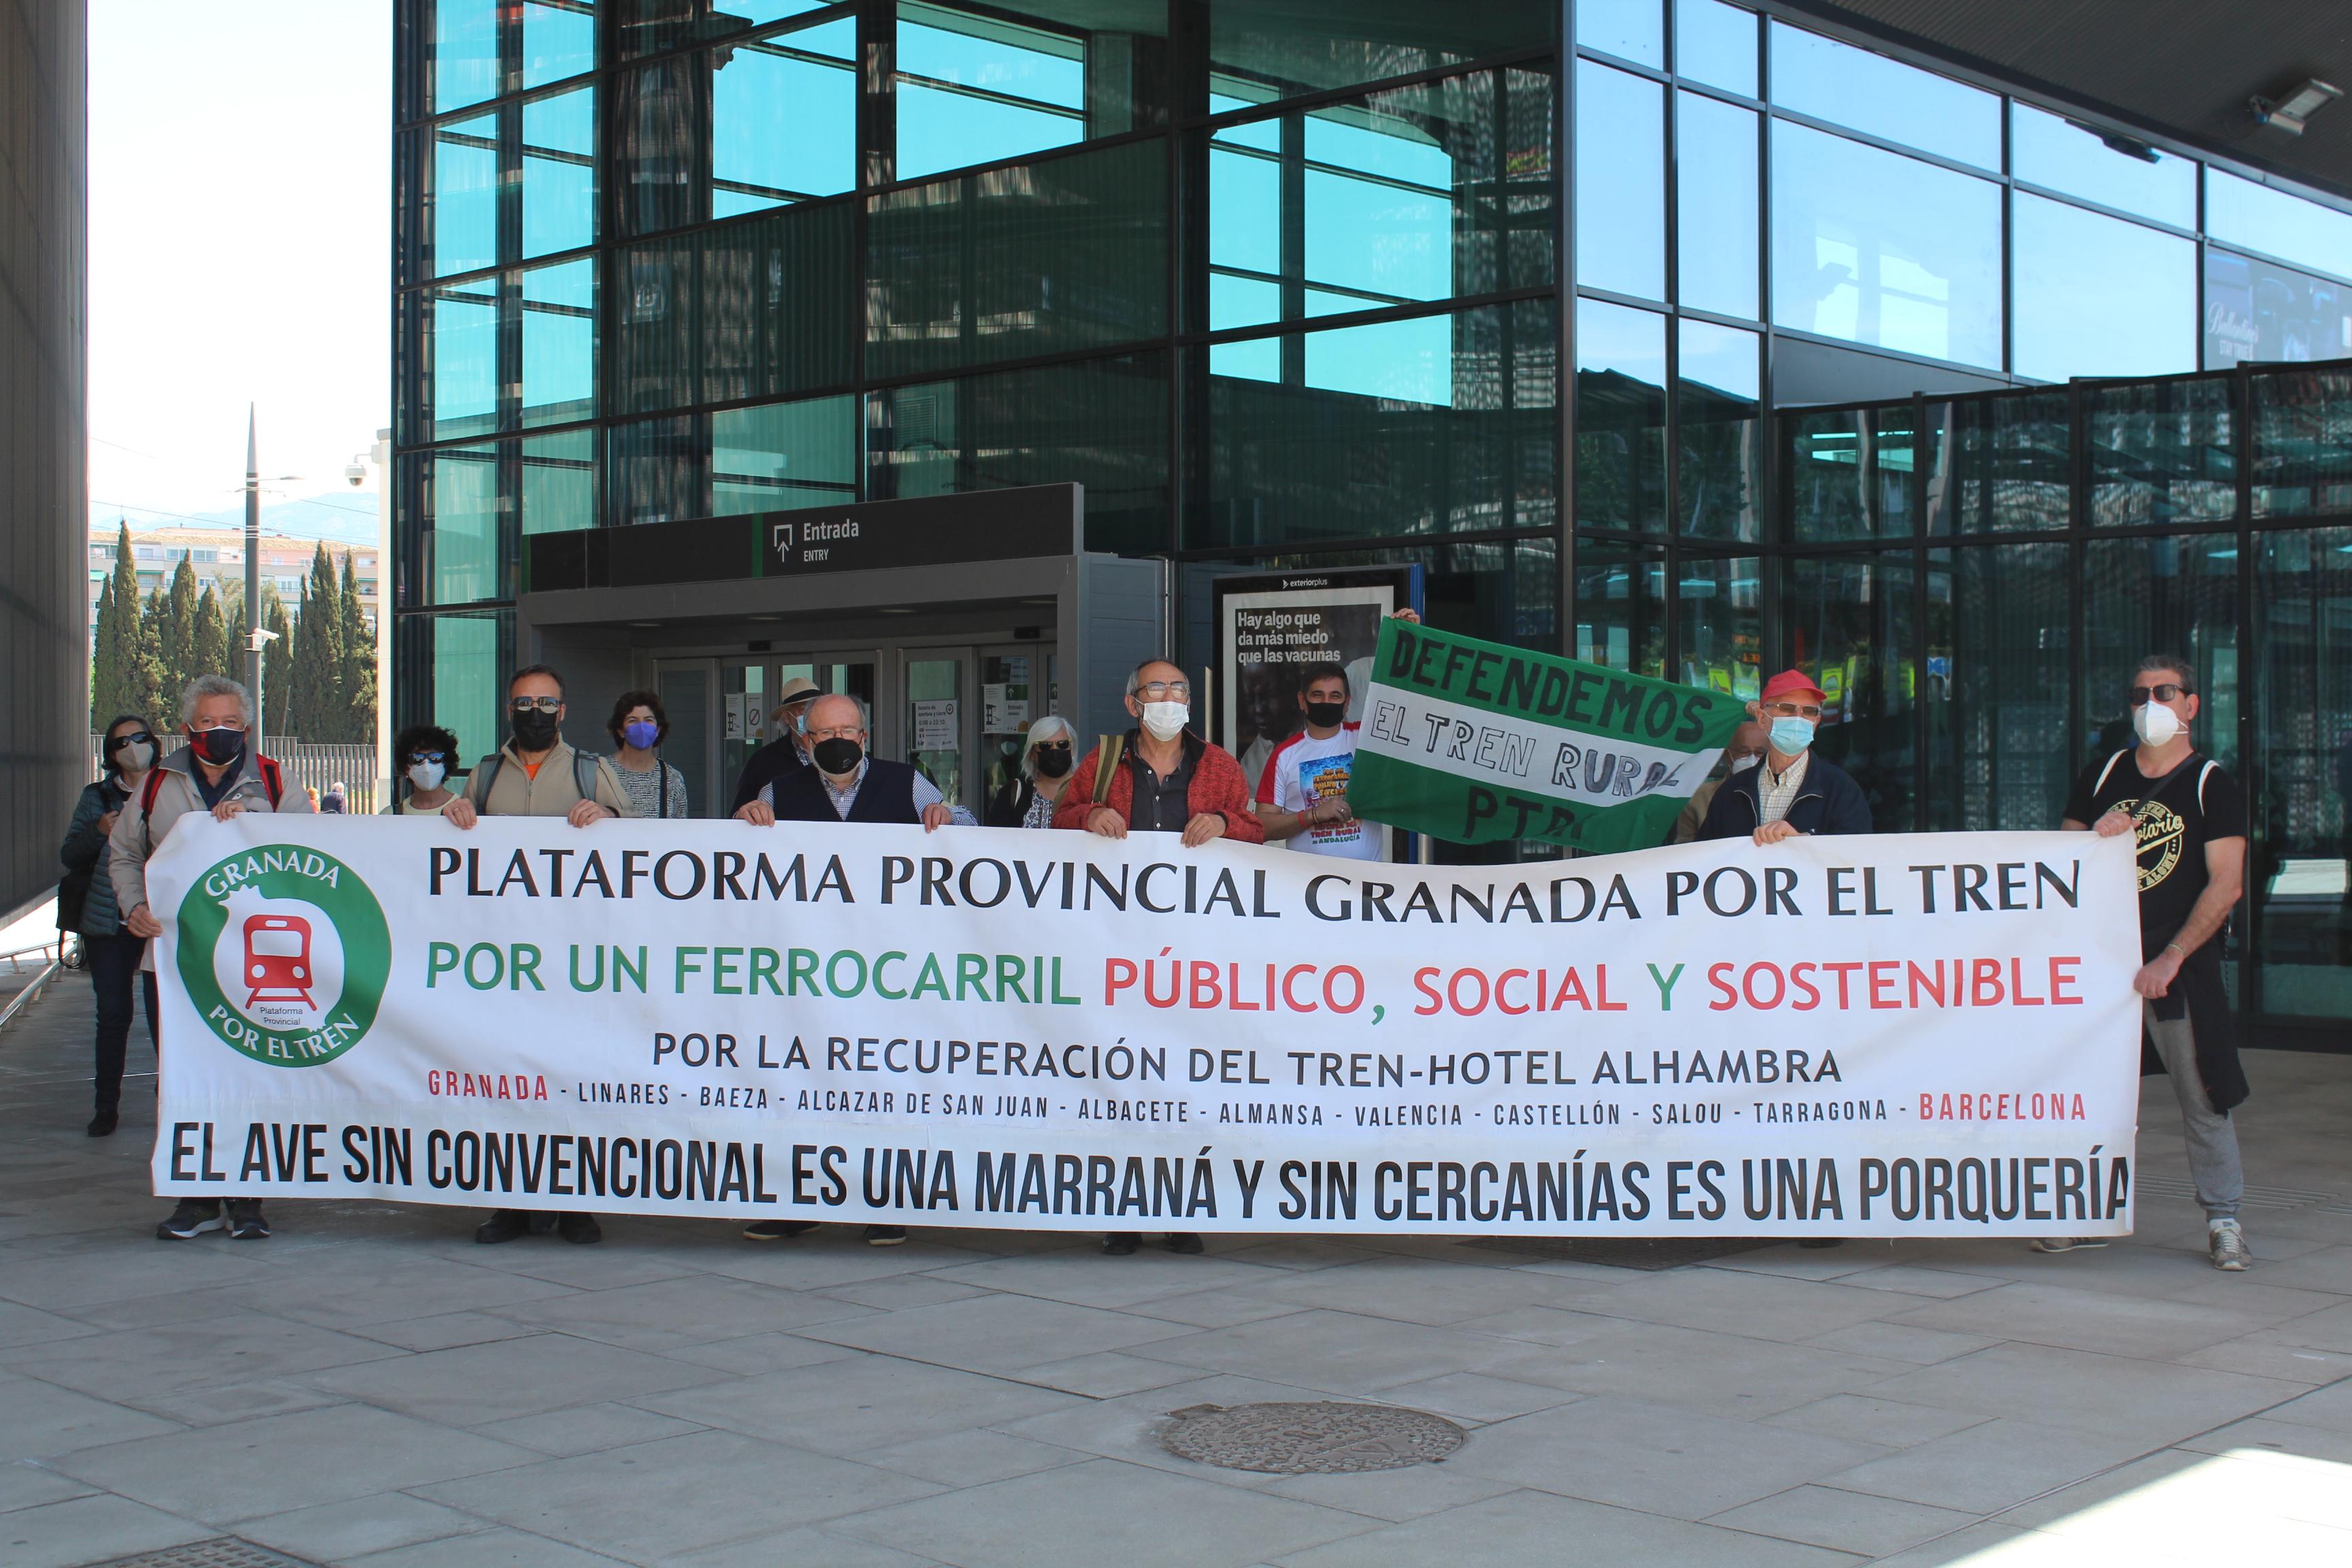 Las Plataformas por el Tren de Granada y Almería claman en Guadix por un tren de todo y para todos